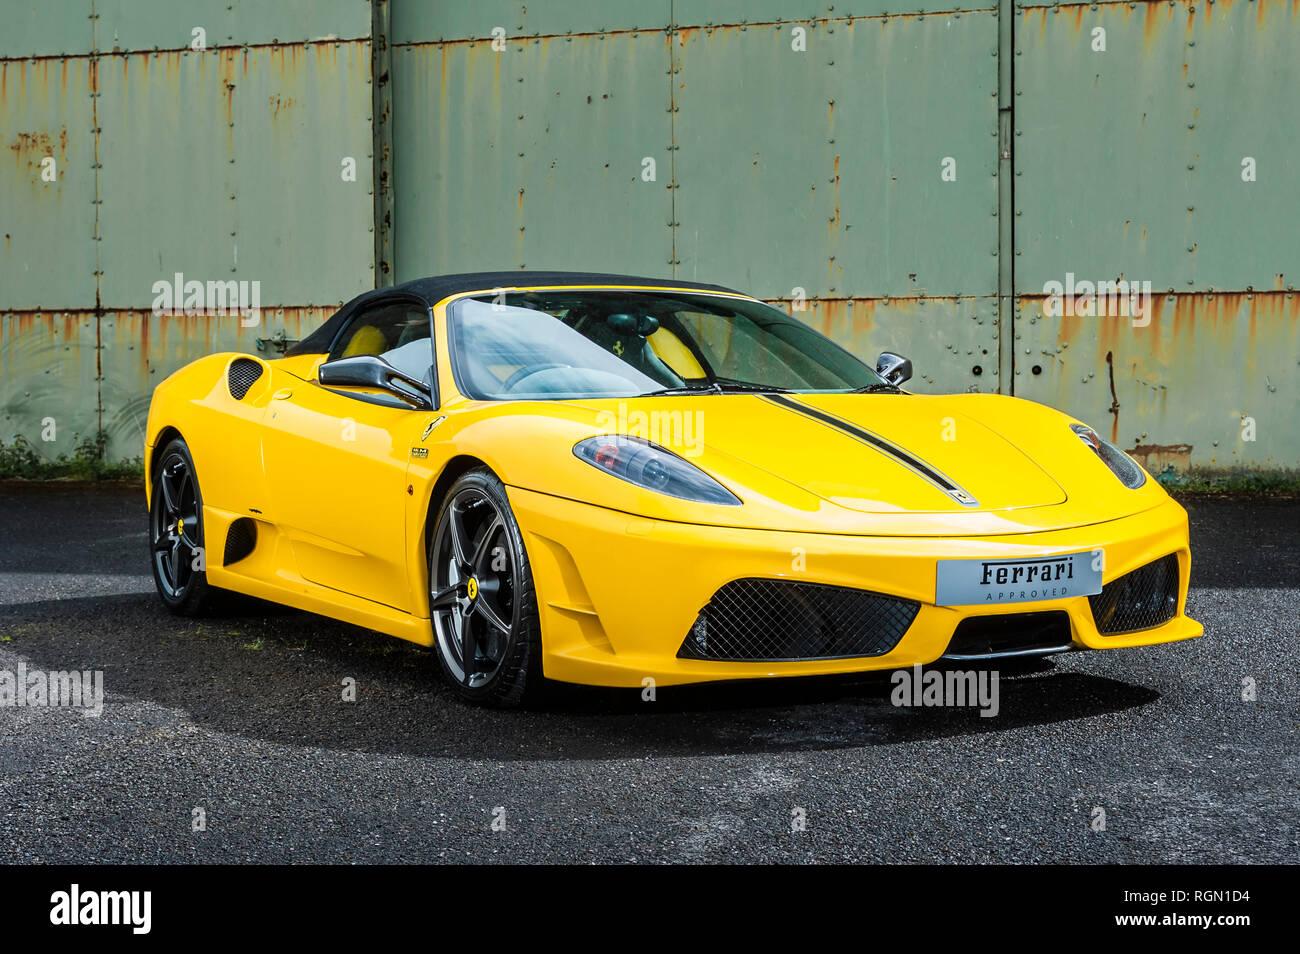 Ferrari F430 Scuderia Spider 16m V 8 Nur 499 Autos Wurden Erbaut Und 2009 Verkauft Ferrari S 16 F1 Konstrukteurs Wm Im Jahr 2008 Zu Gedenken Stockfotografie Alamy